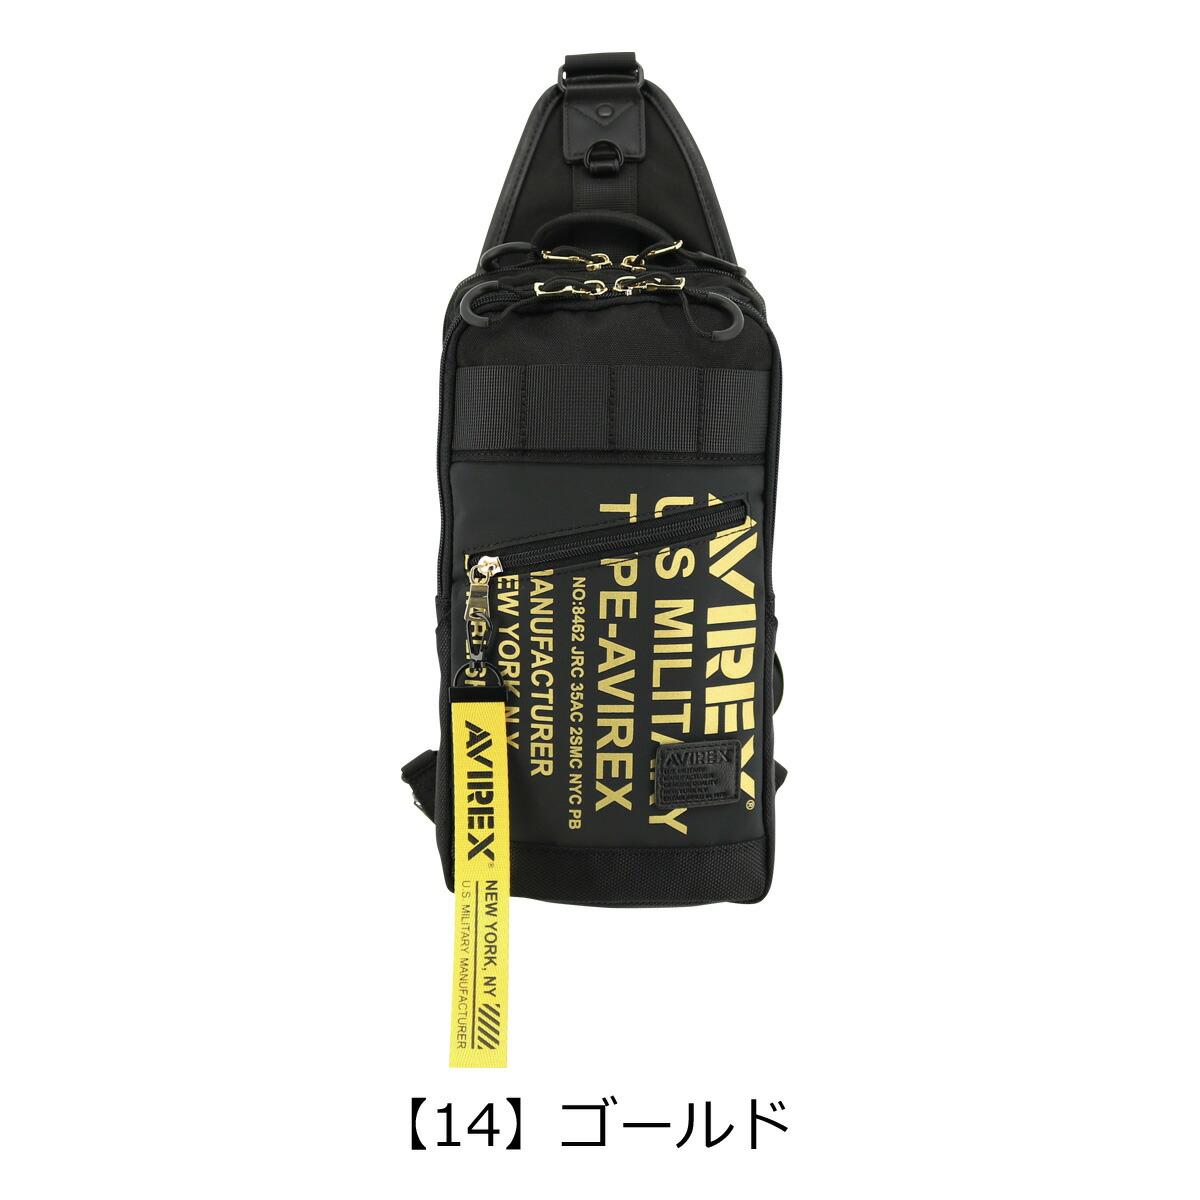 【14】ゴールド